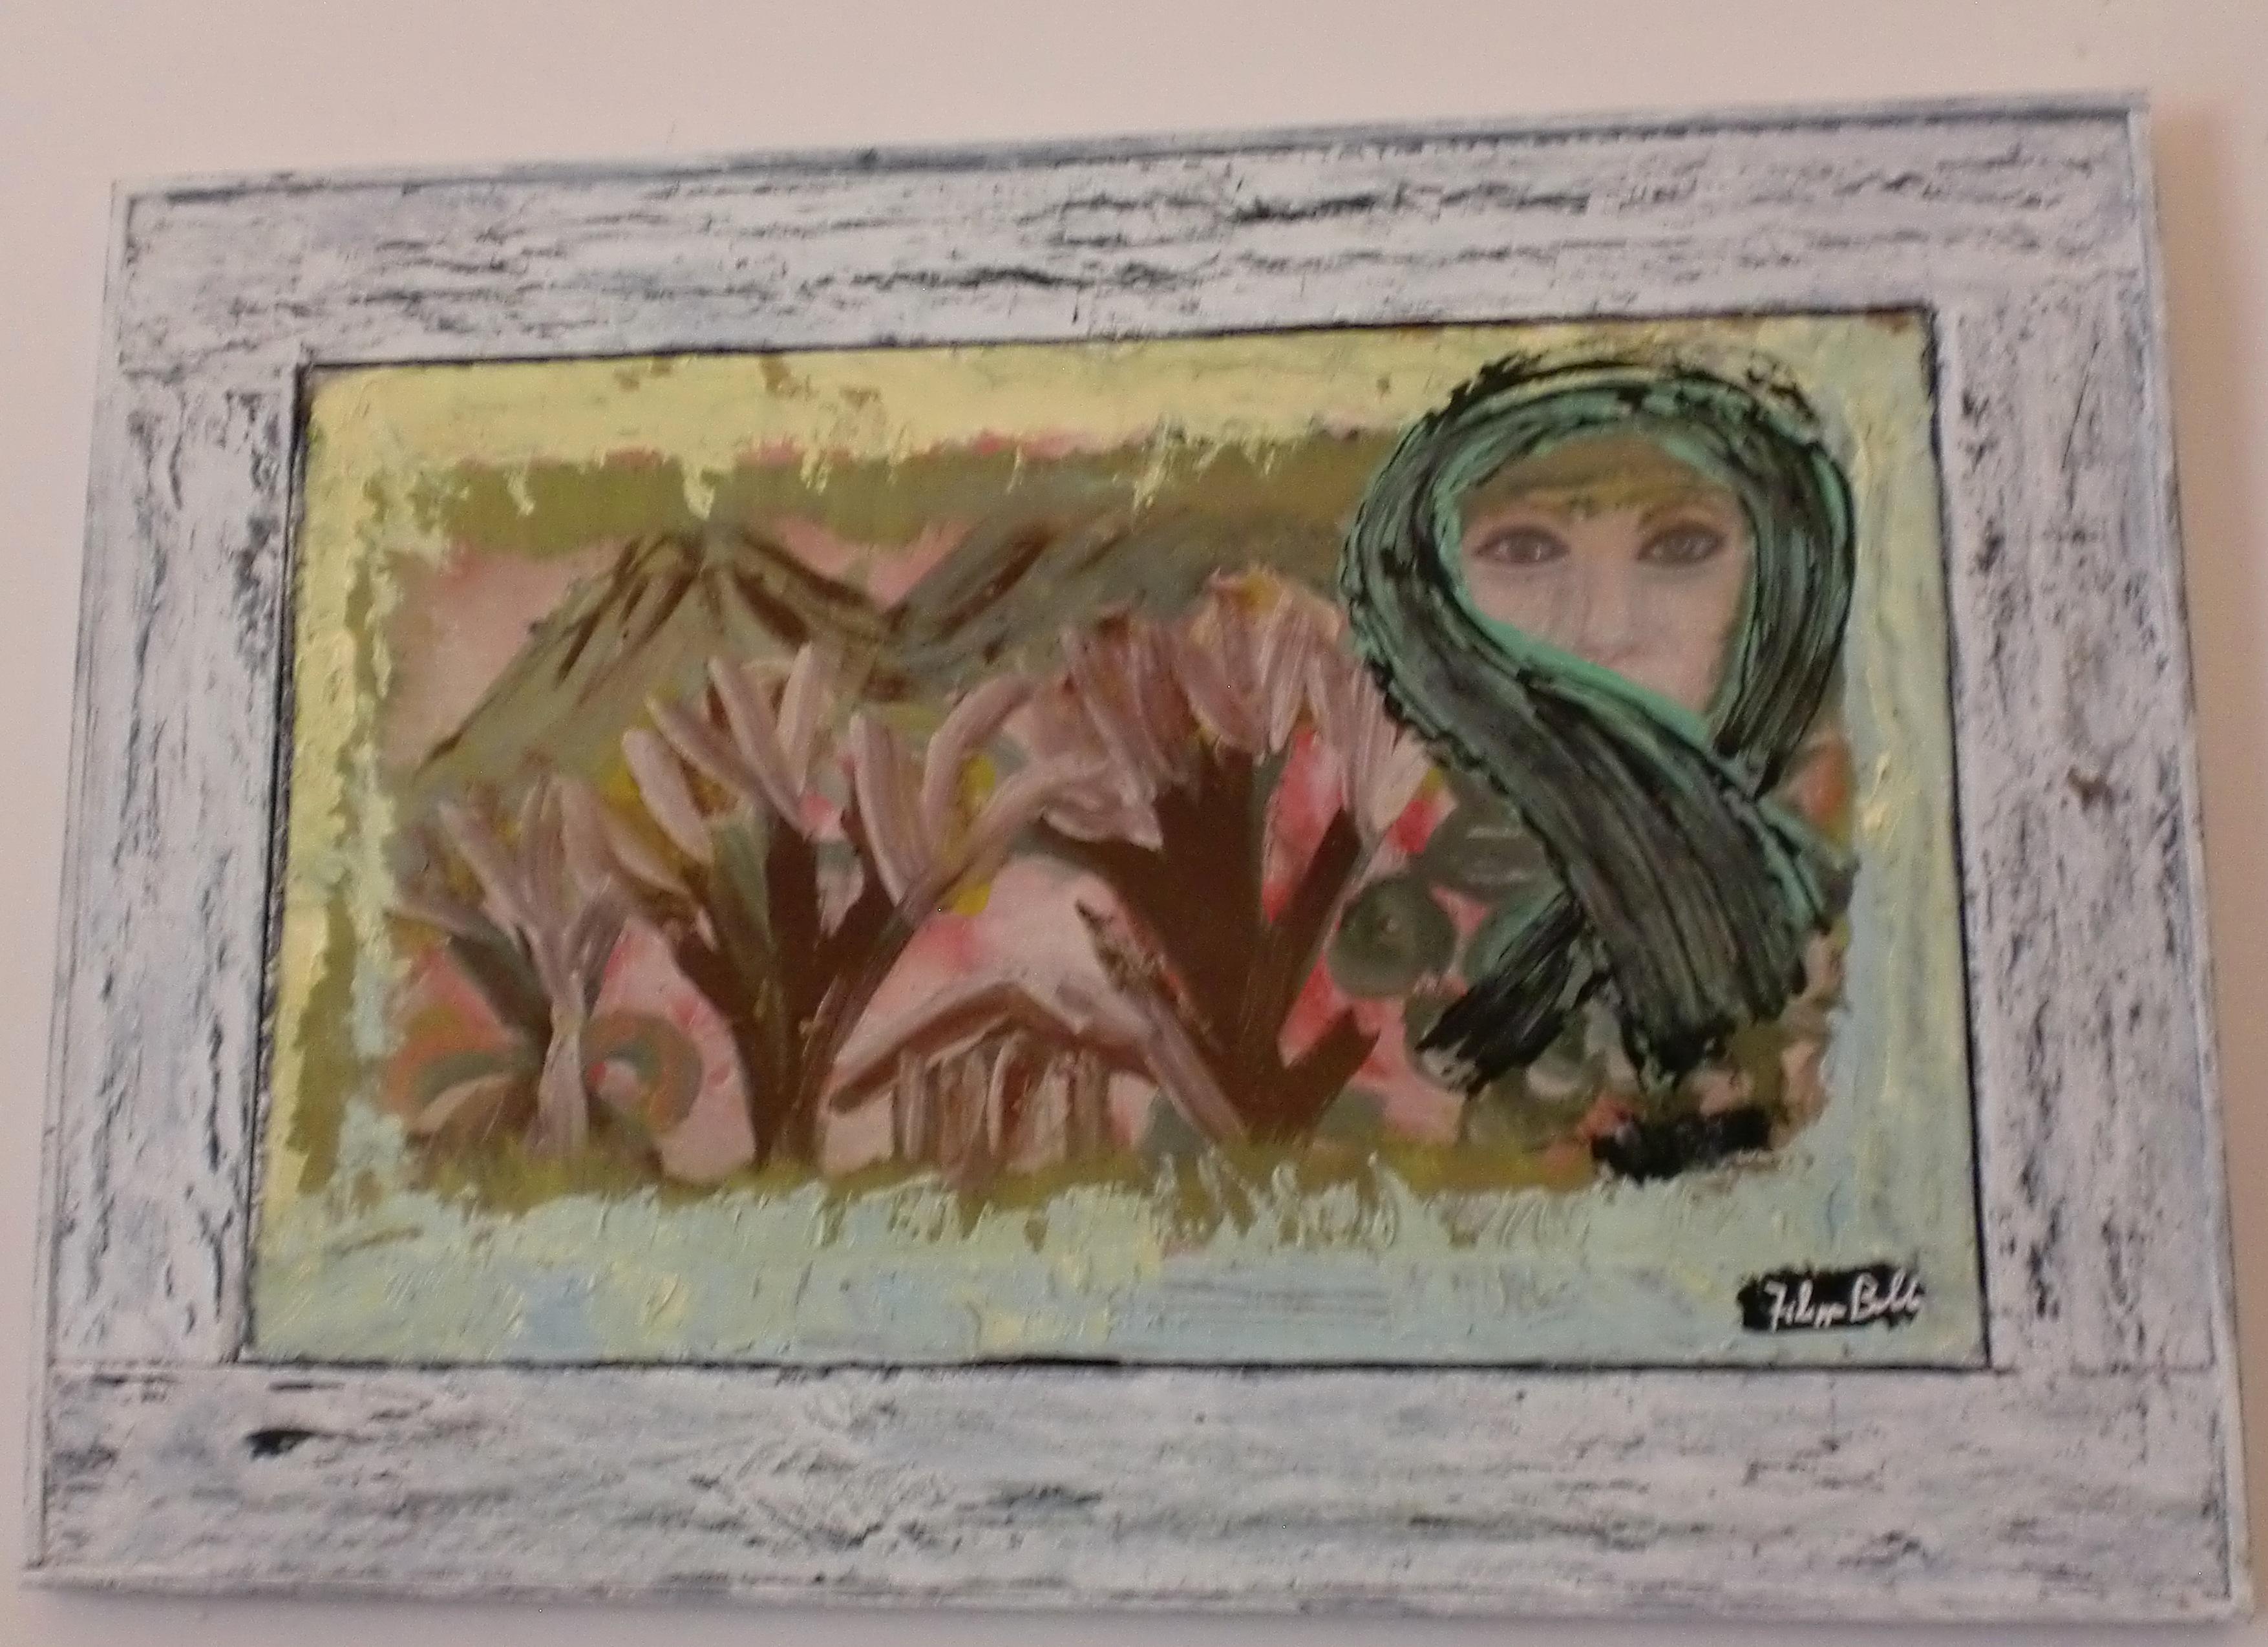 COMITINI-Mostra di pittura di Filippo Baldo: un viaggio esotico nell' interiorità